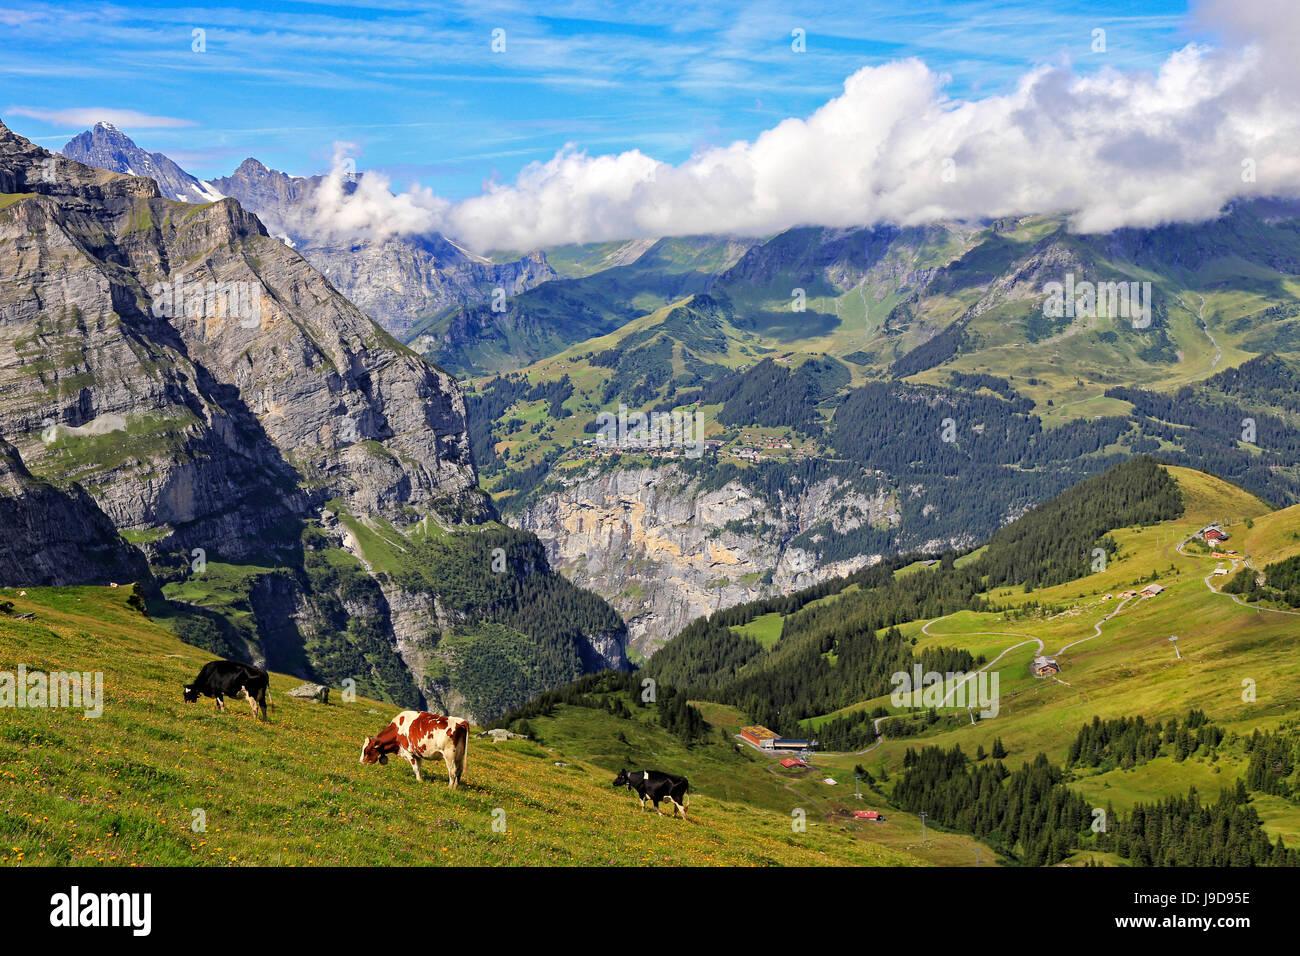 View from Kleine Scheidegg to Murren and Lauterbrunnen Valley, Grindelwald, Bernese Oberland, Switzerland, Europe - Stock Image